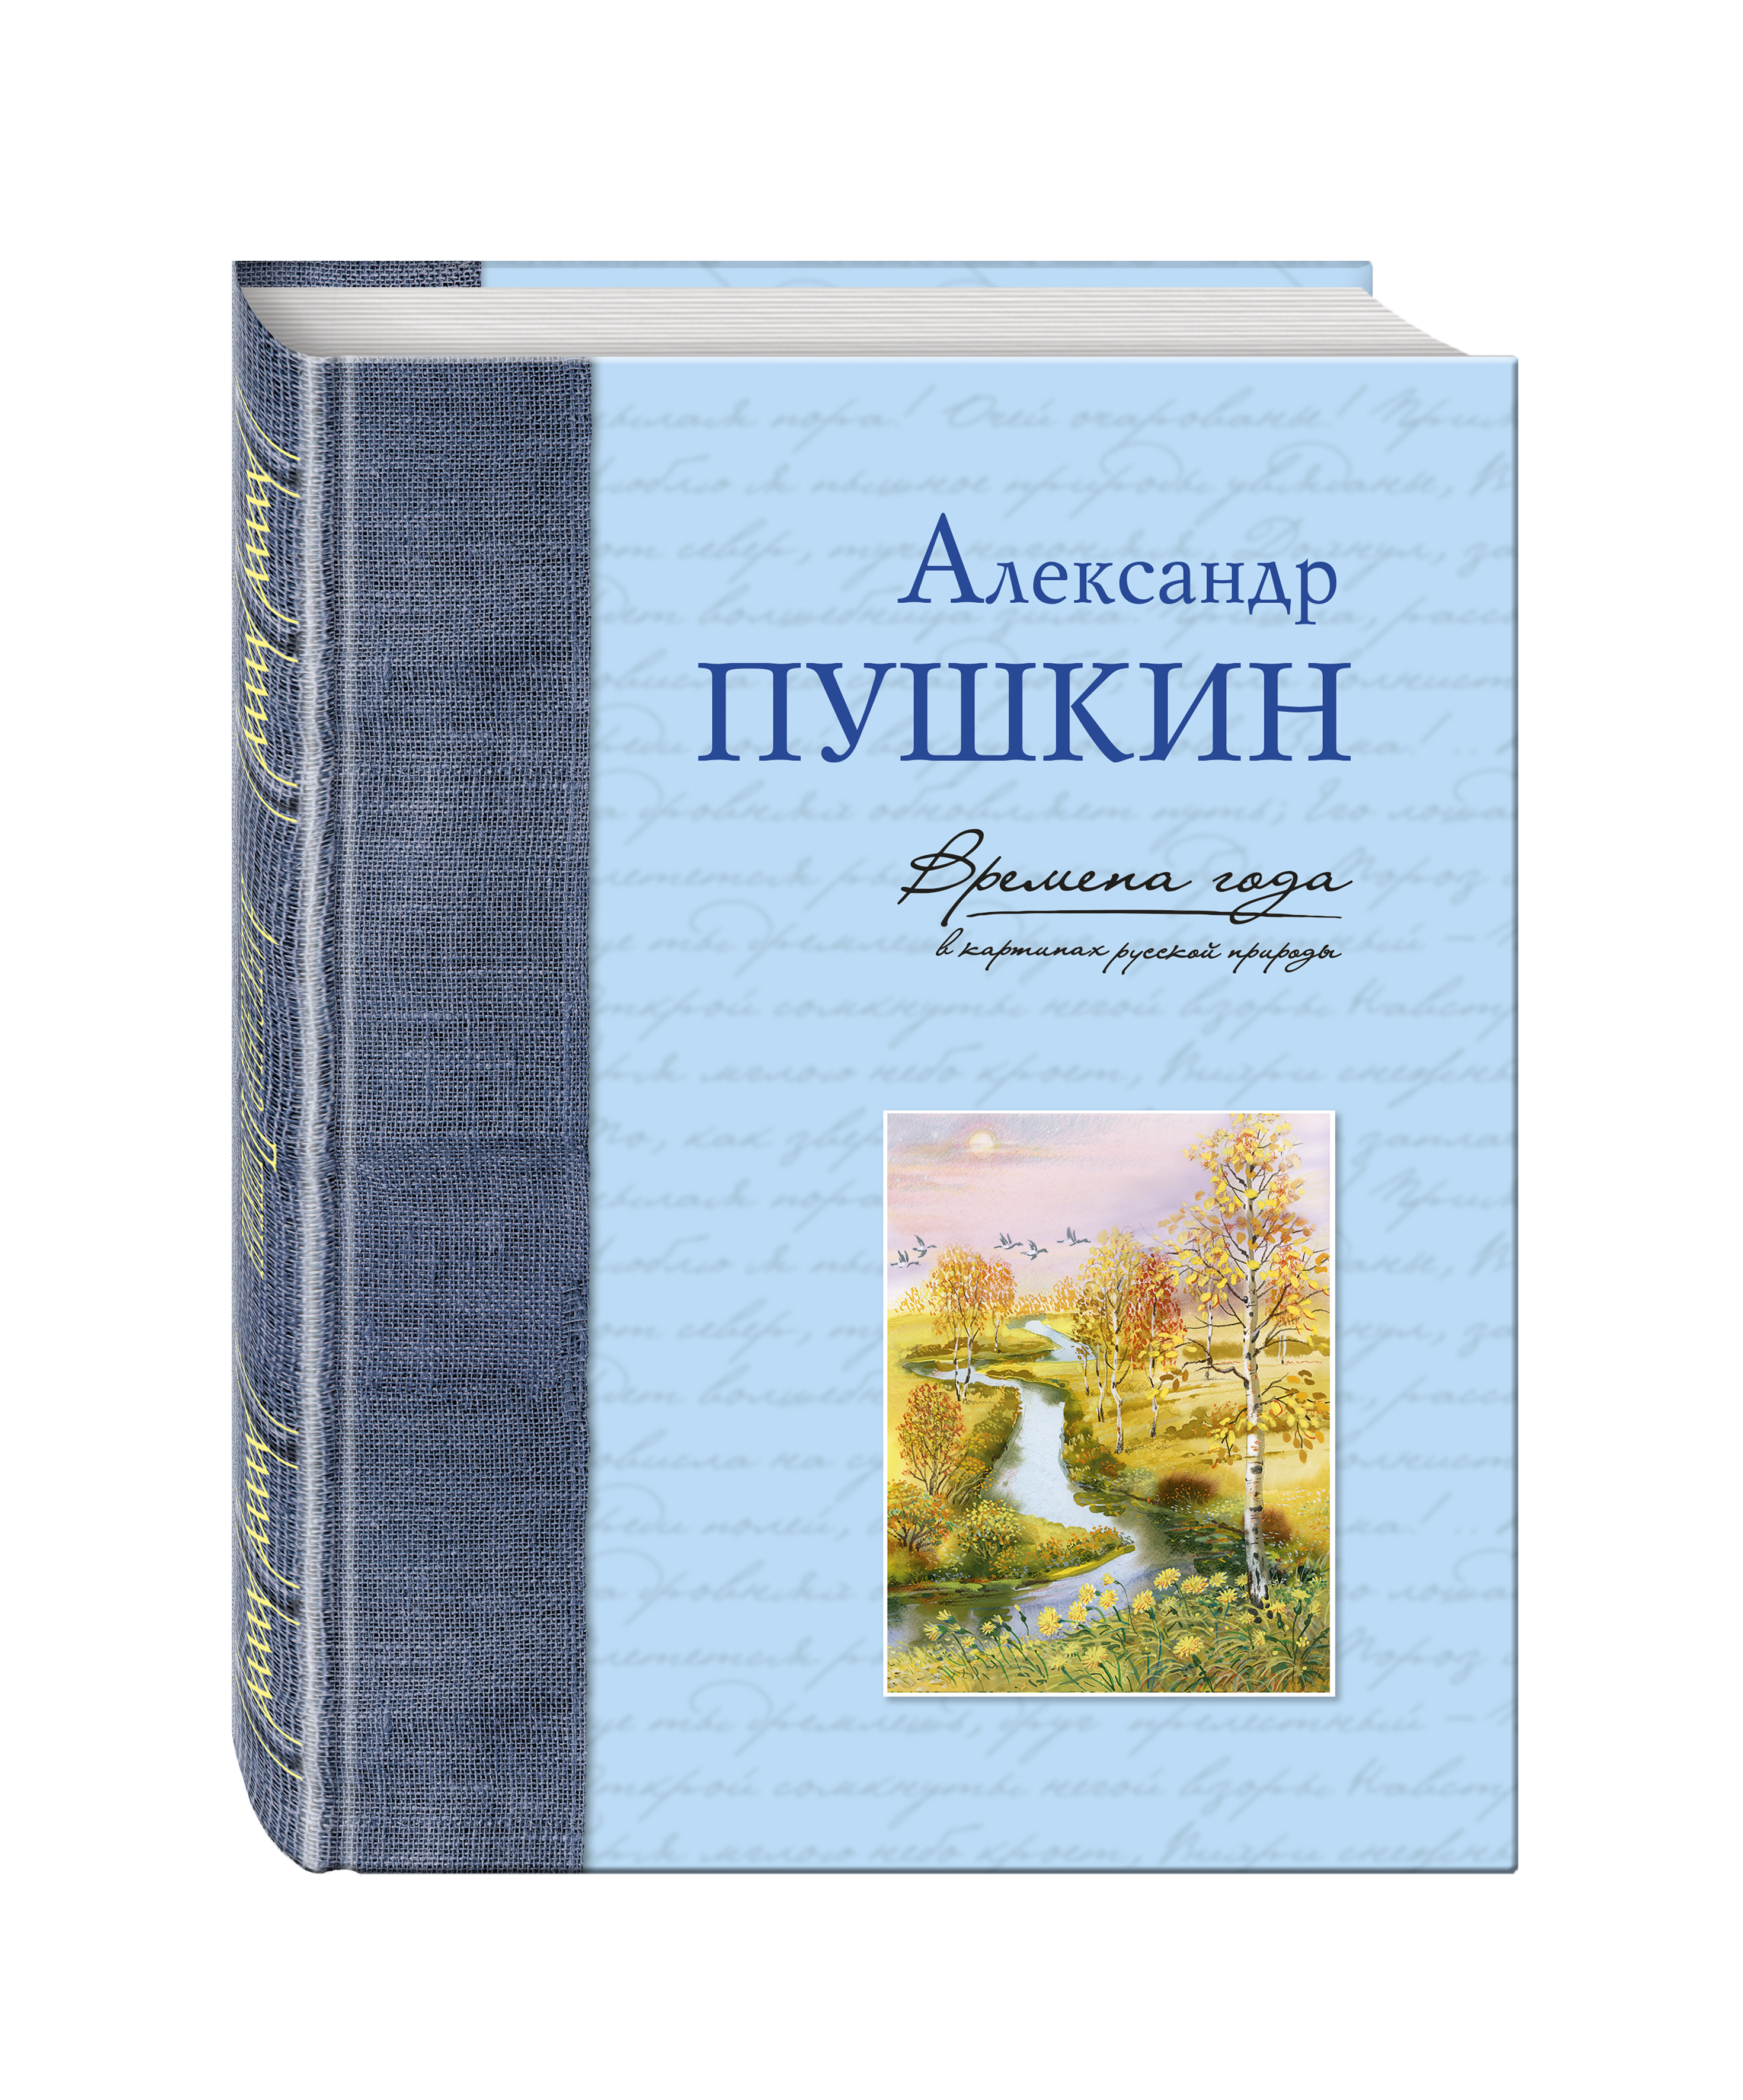 Пушкин А.С. Времена года в картинах русской природы